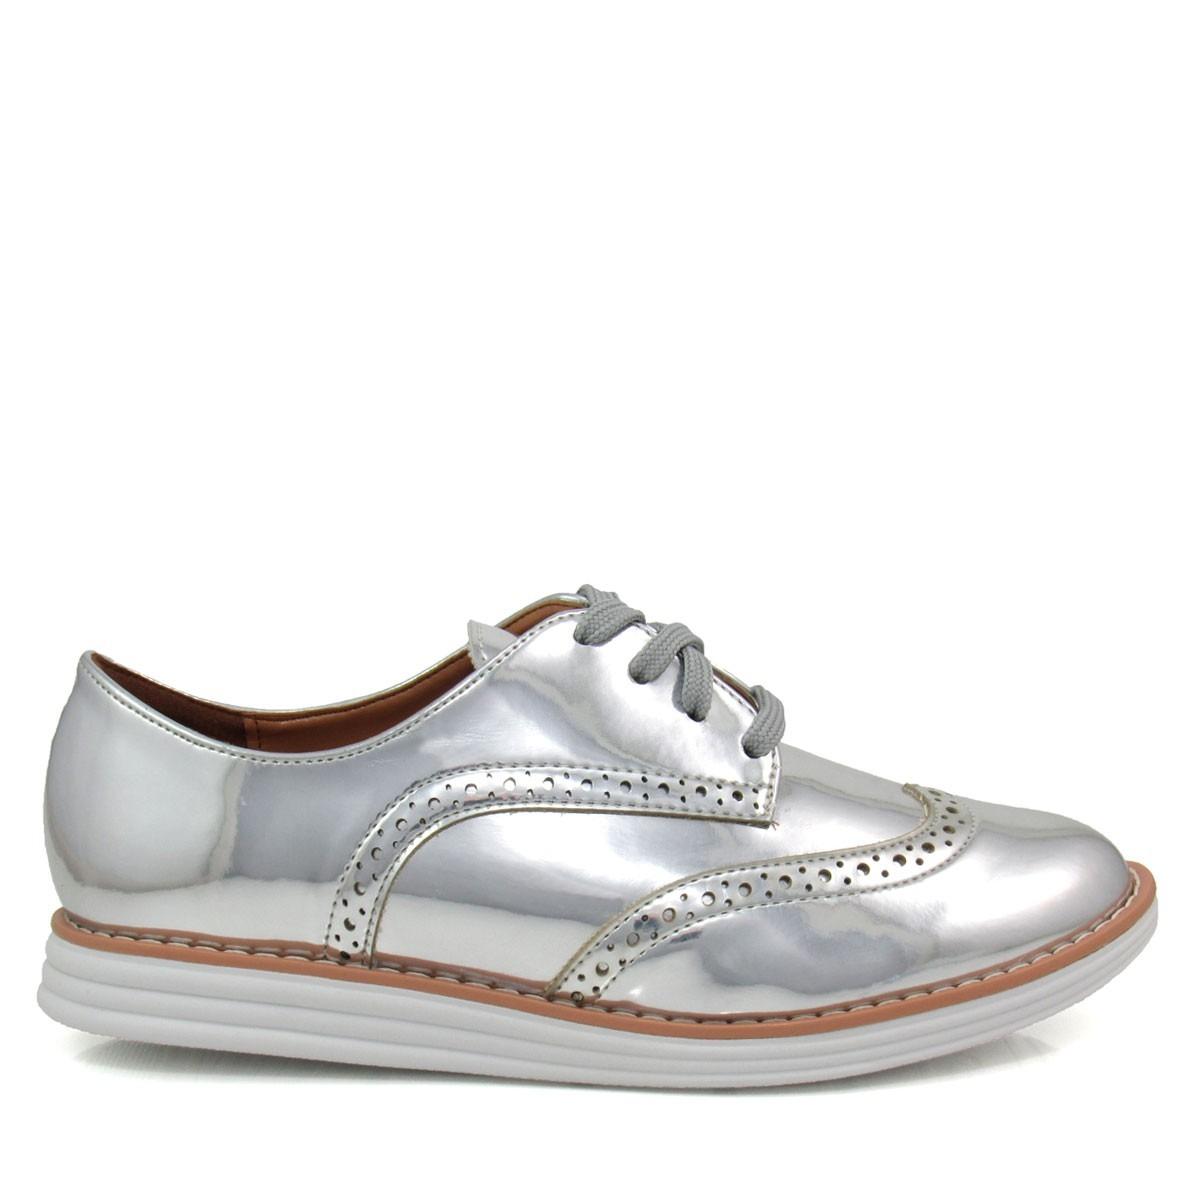 d35fc1385e sapato feminino oxford vizzano 1231101 metalizado. Carregando zoom.